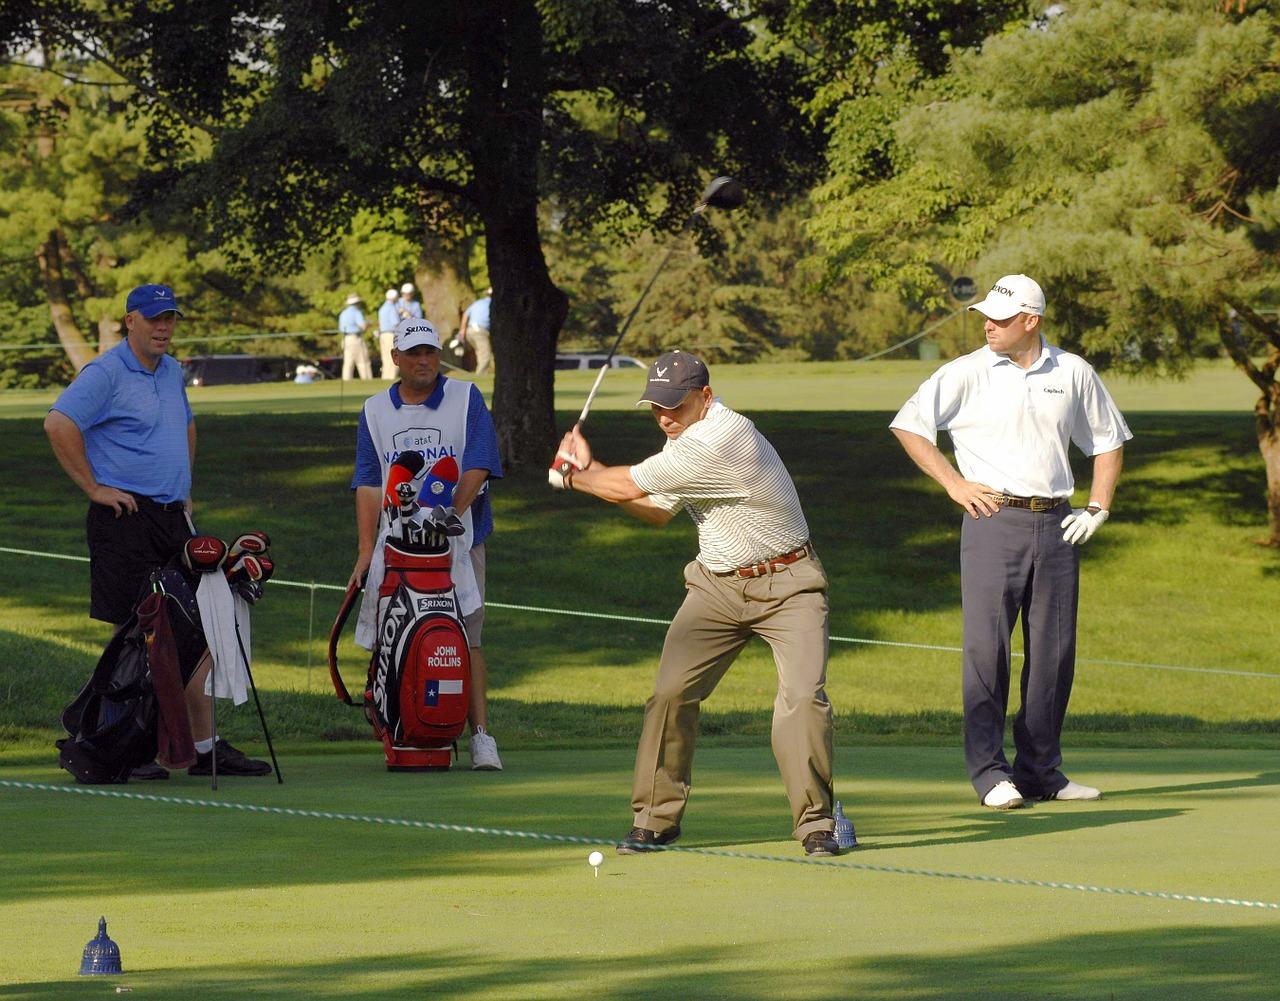 「焦らないでゆっくりでいいよ」を使って良い状況とは?ゴルフはやっぱりマナーを大切にしたい。